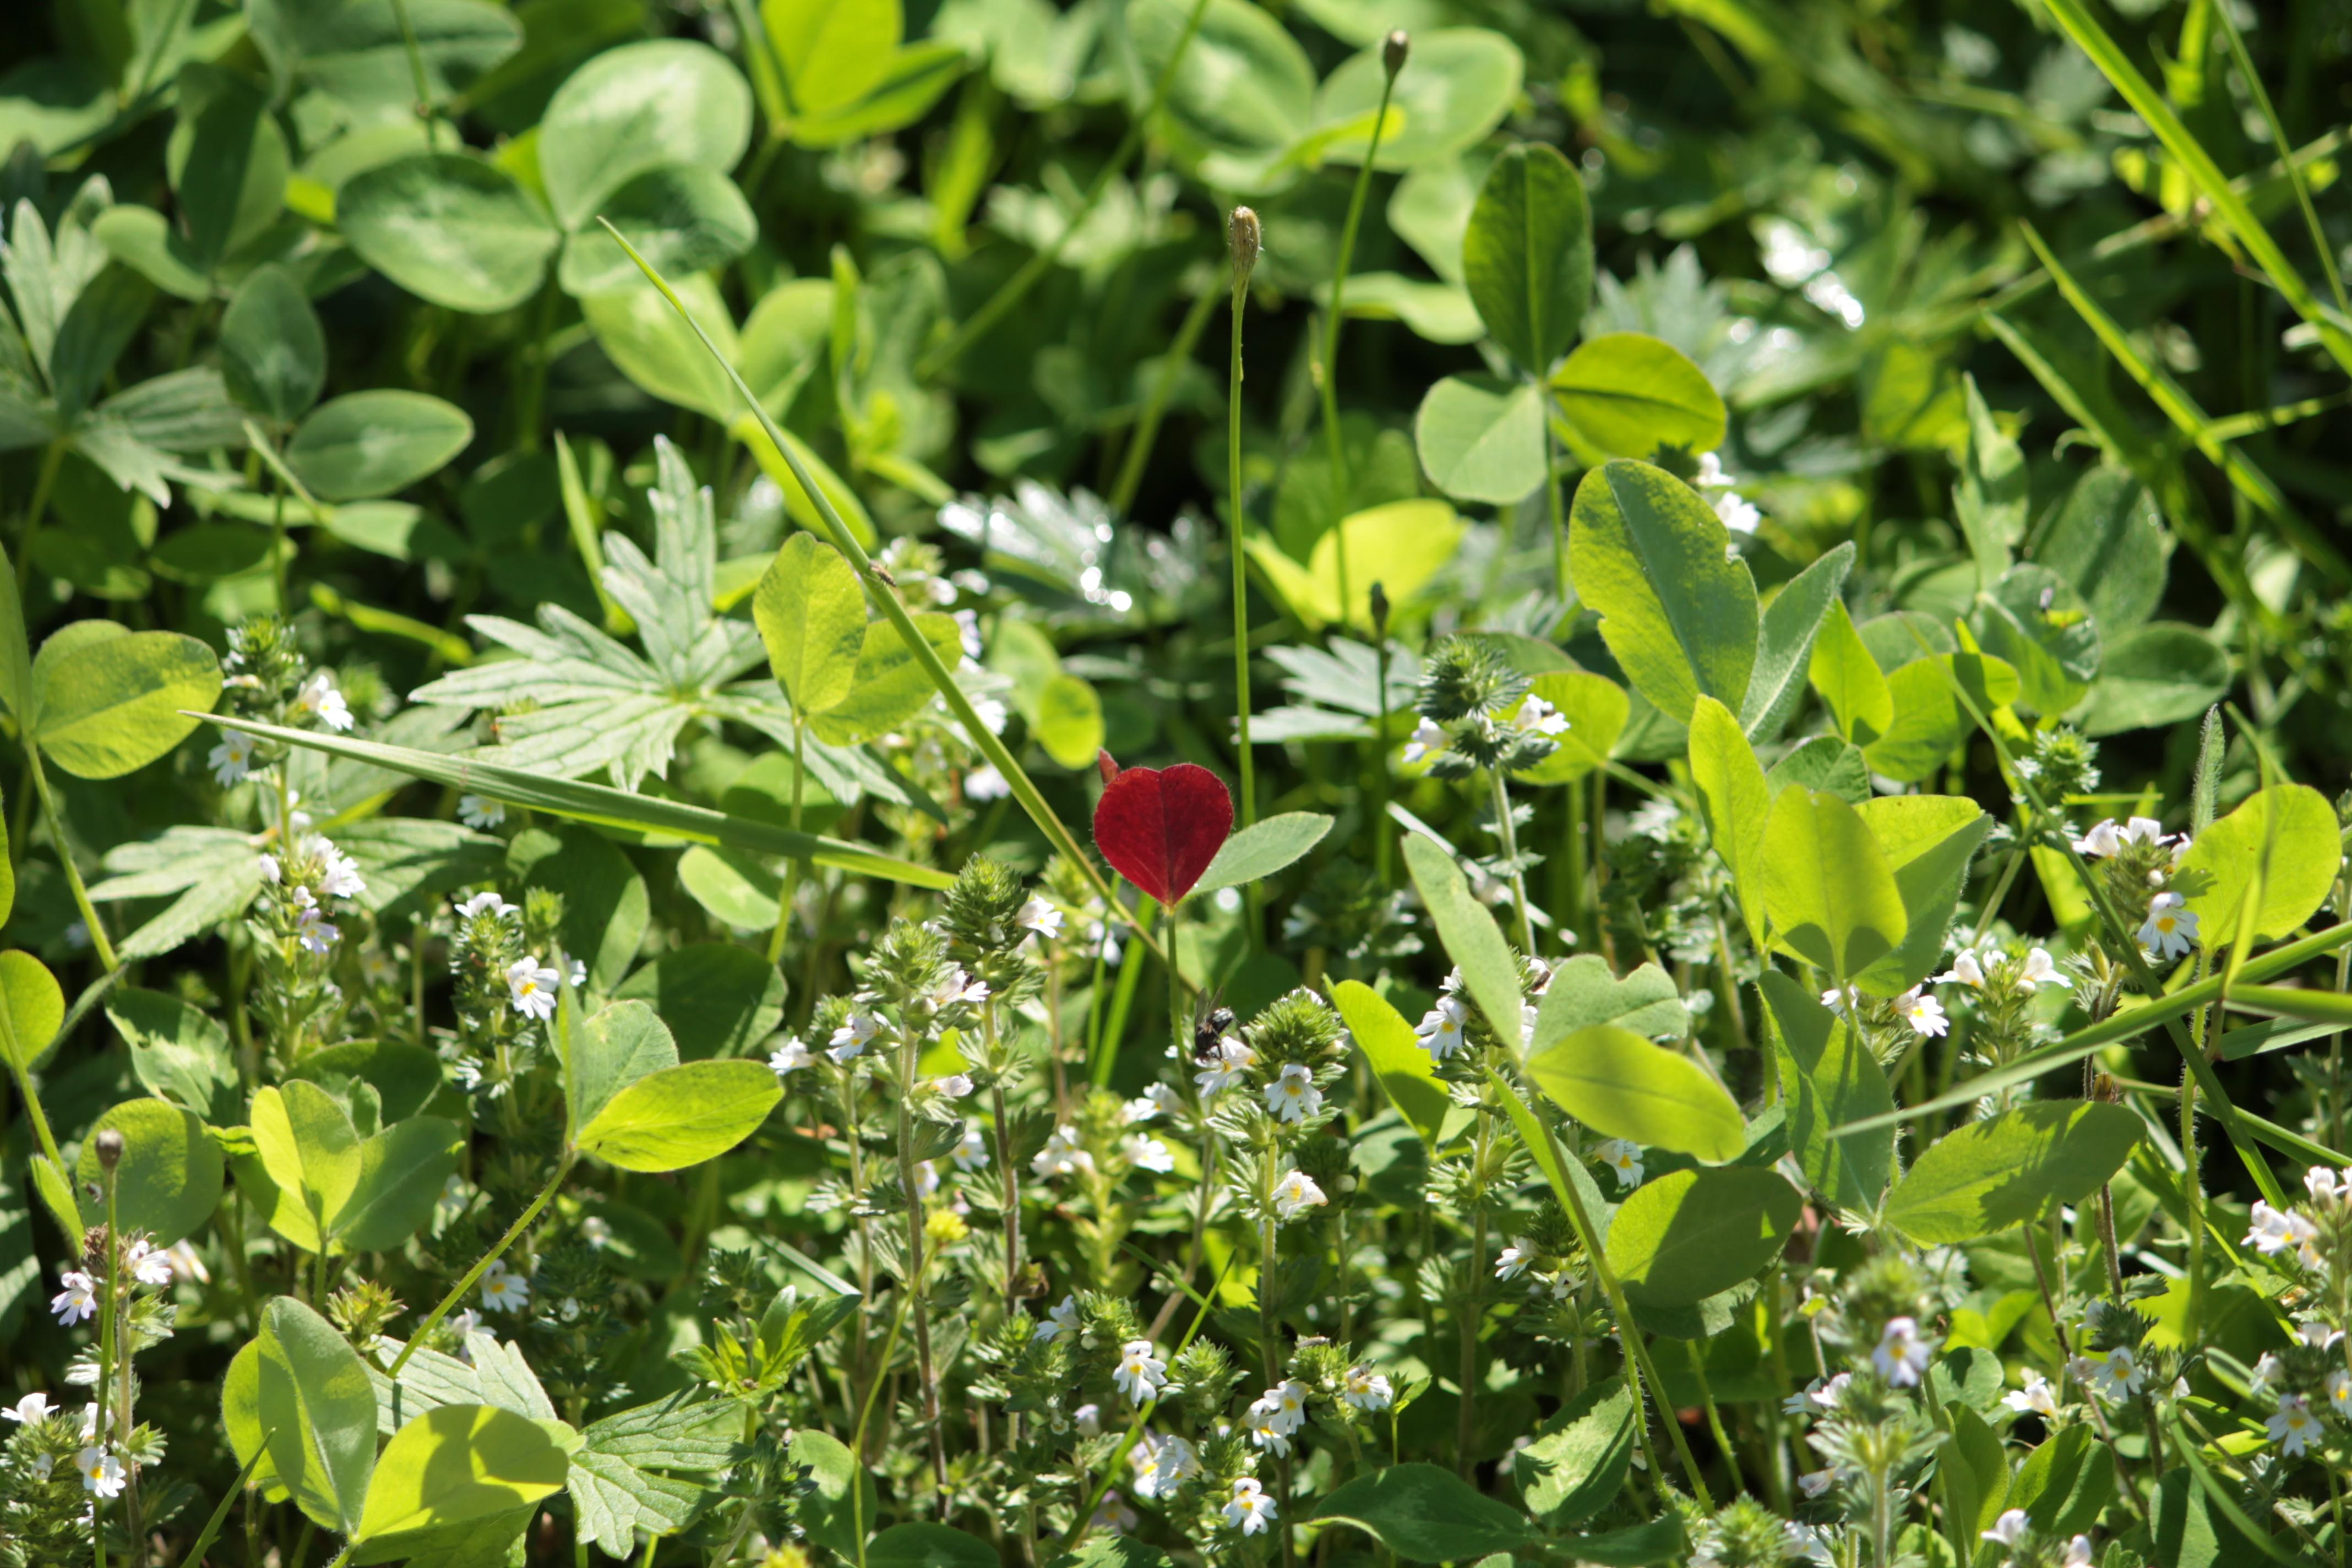 Verenpunainen lehti vihreiden lehtikasvien (ja valkoisten kukkien) seassa